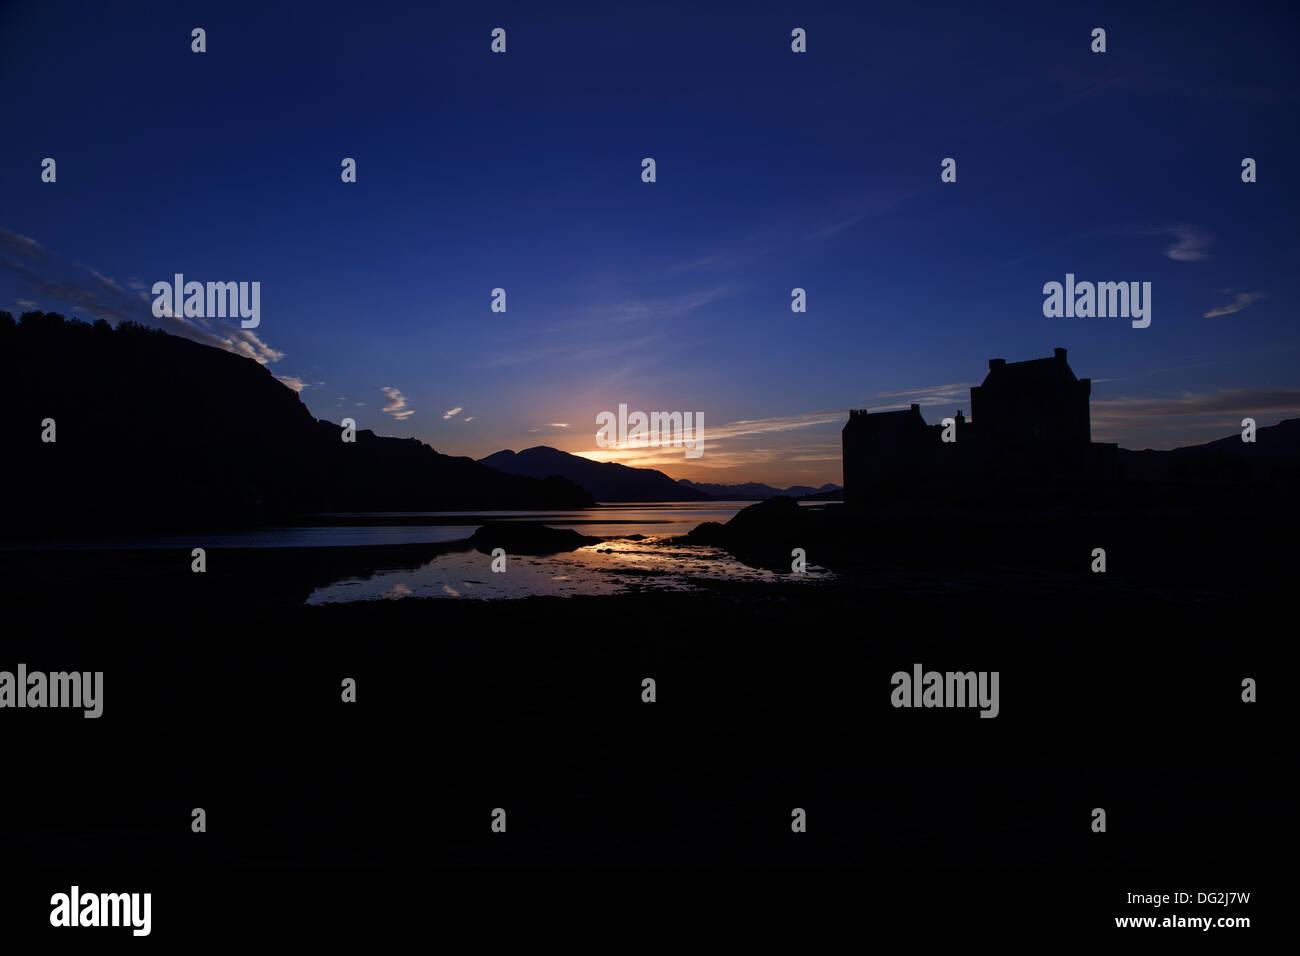 Sunset at Eilean Donan Castle, Scottish Highlands, Dornie, Kyle of Lochalsh - Stock Image